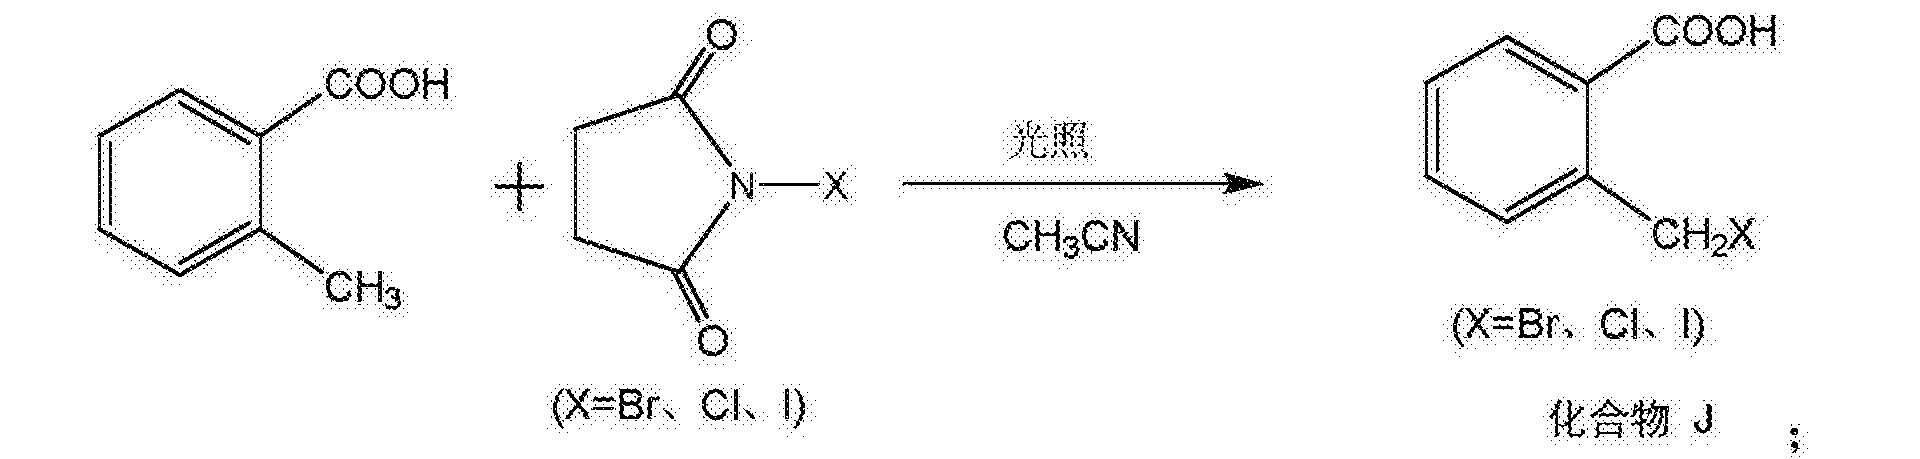 Figure CN105330638AC00021